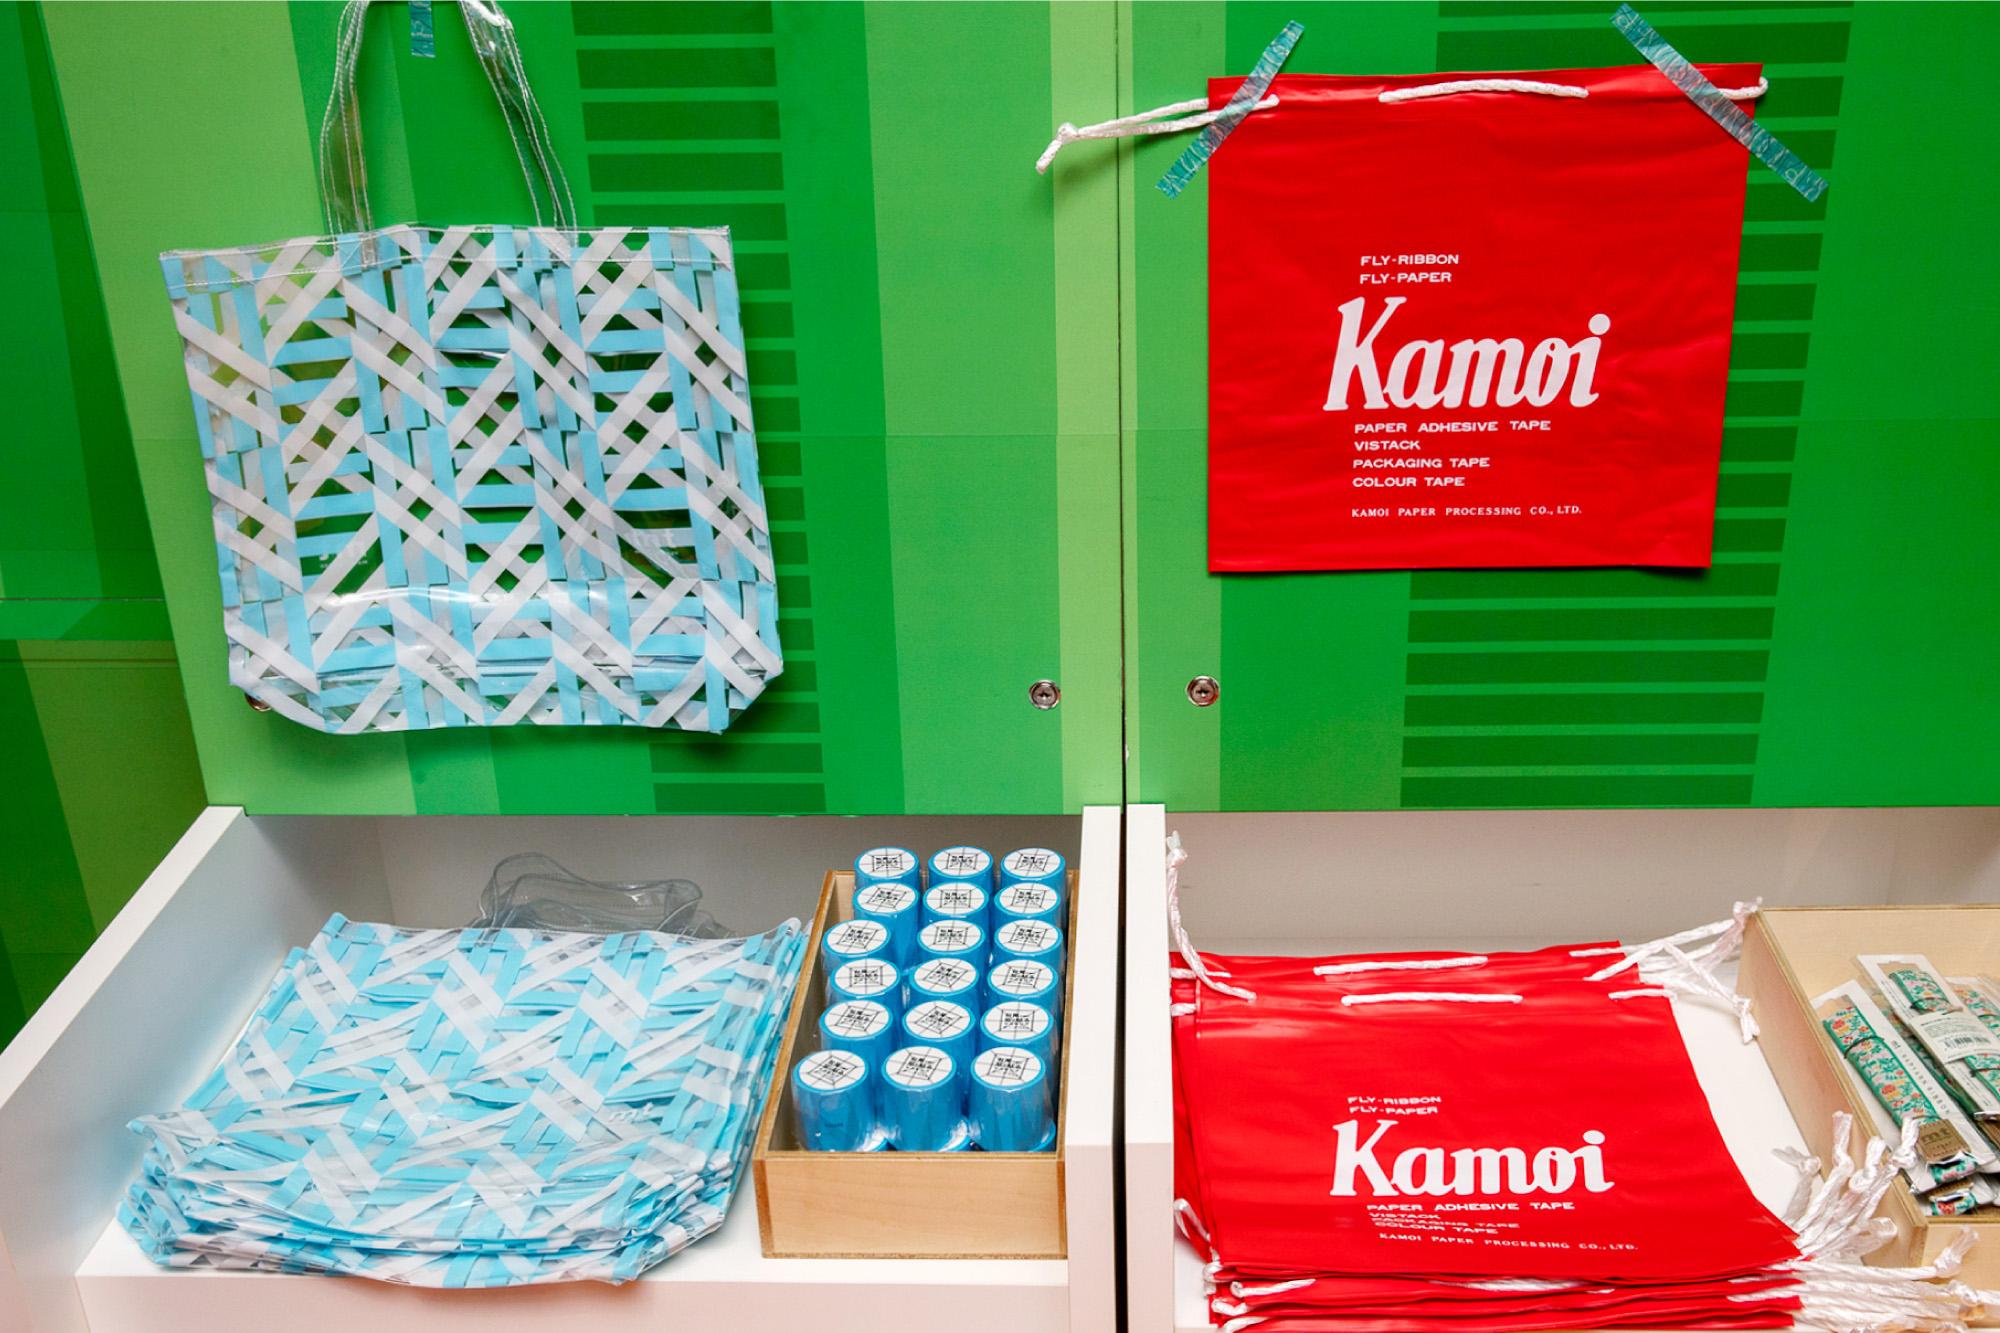 kiosk2021_3.jpg